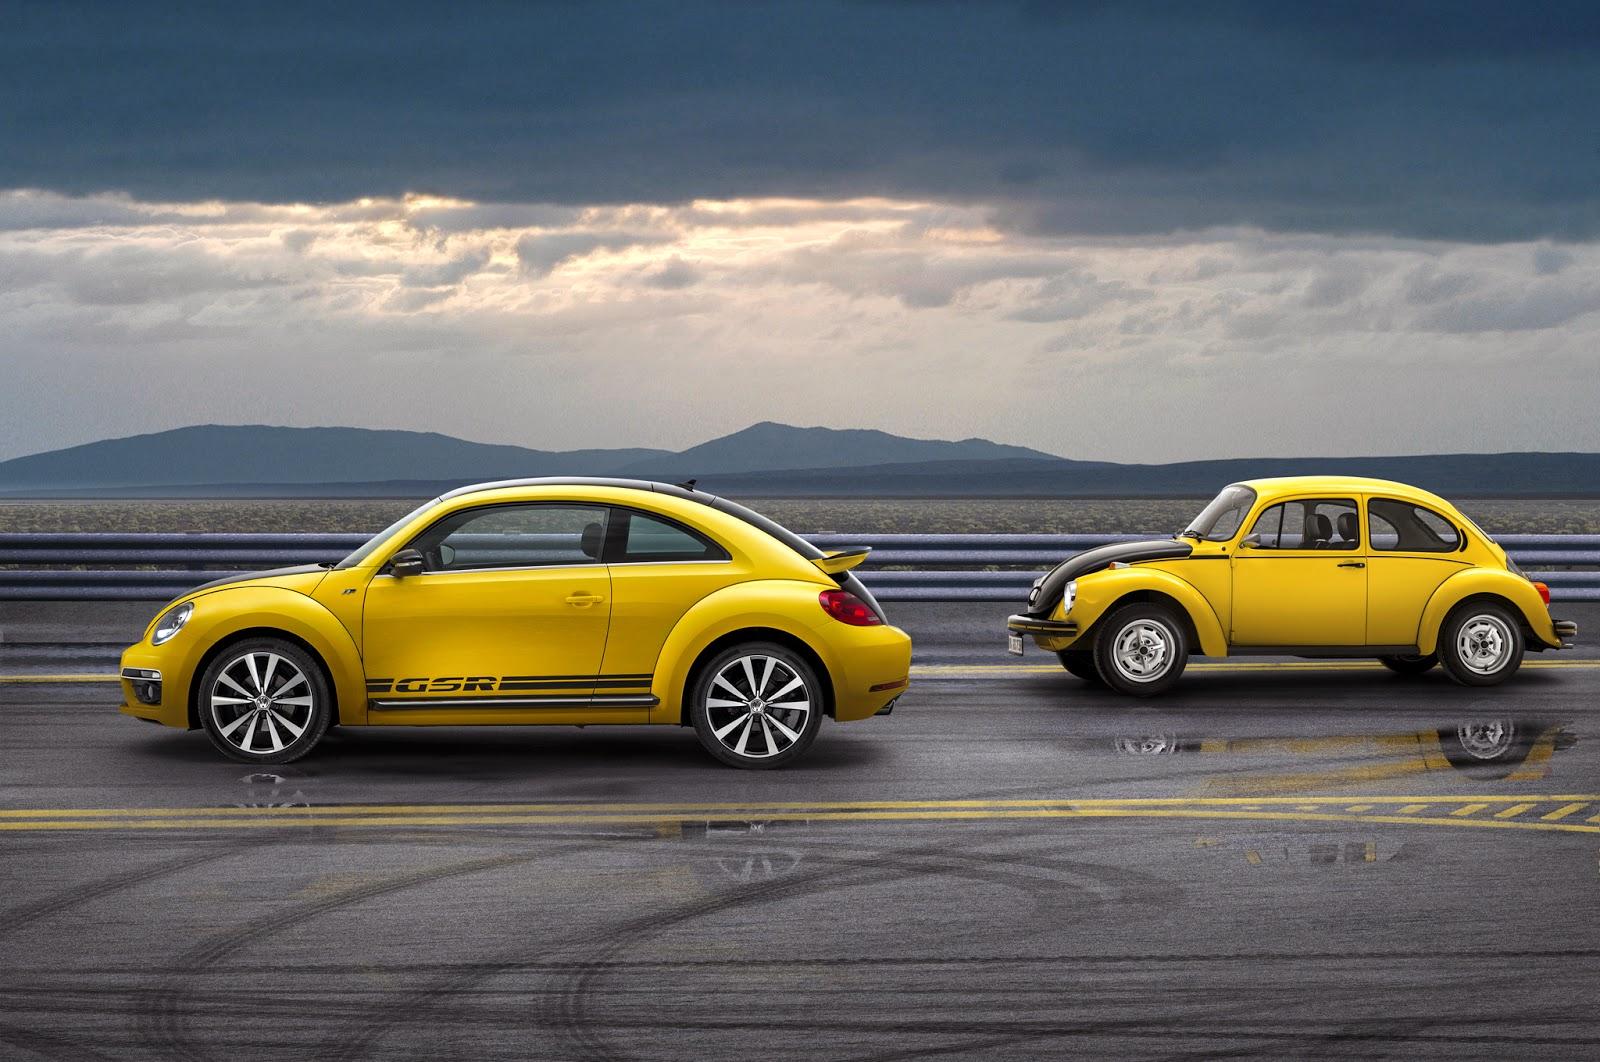 2014 Volkswagen Beetle GSR and Classic Beetle